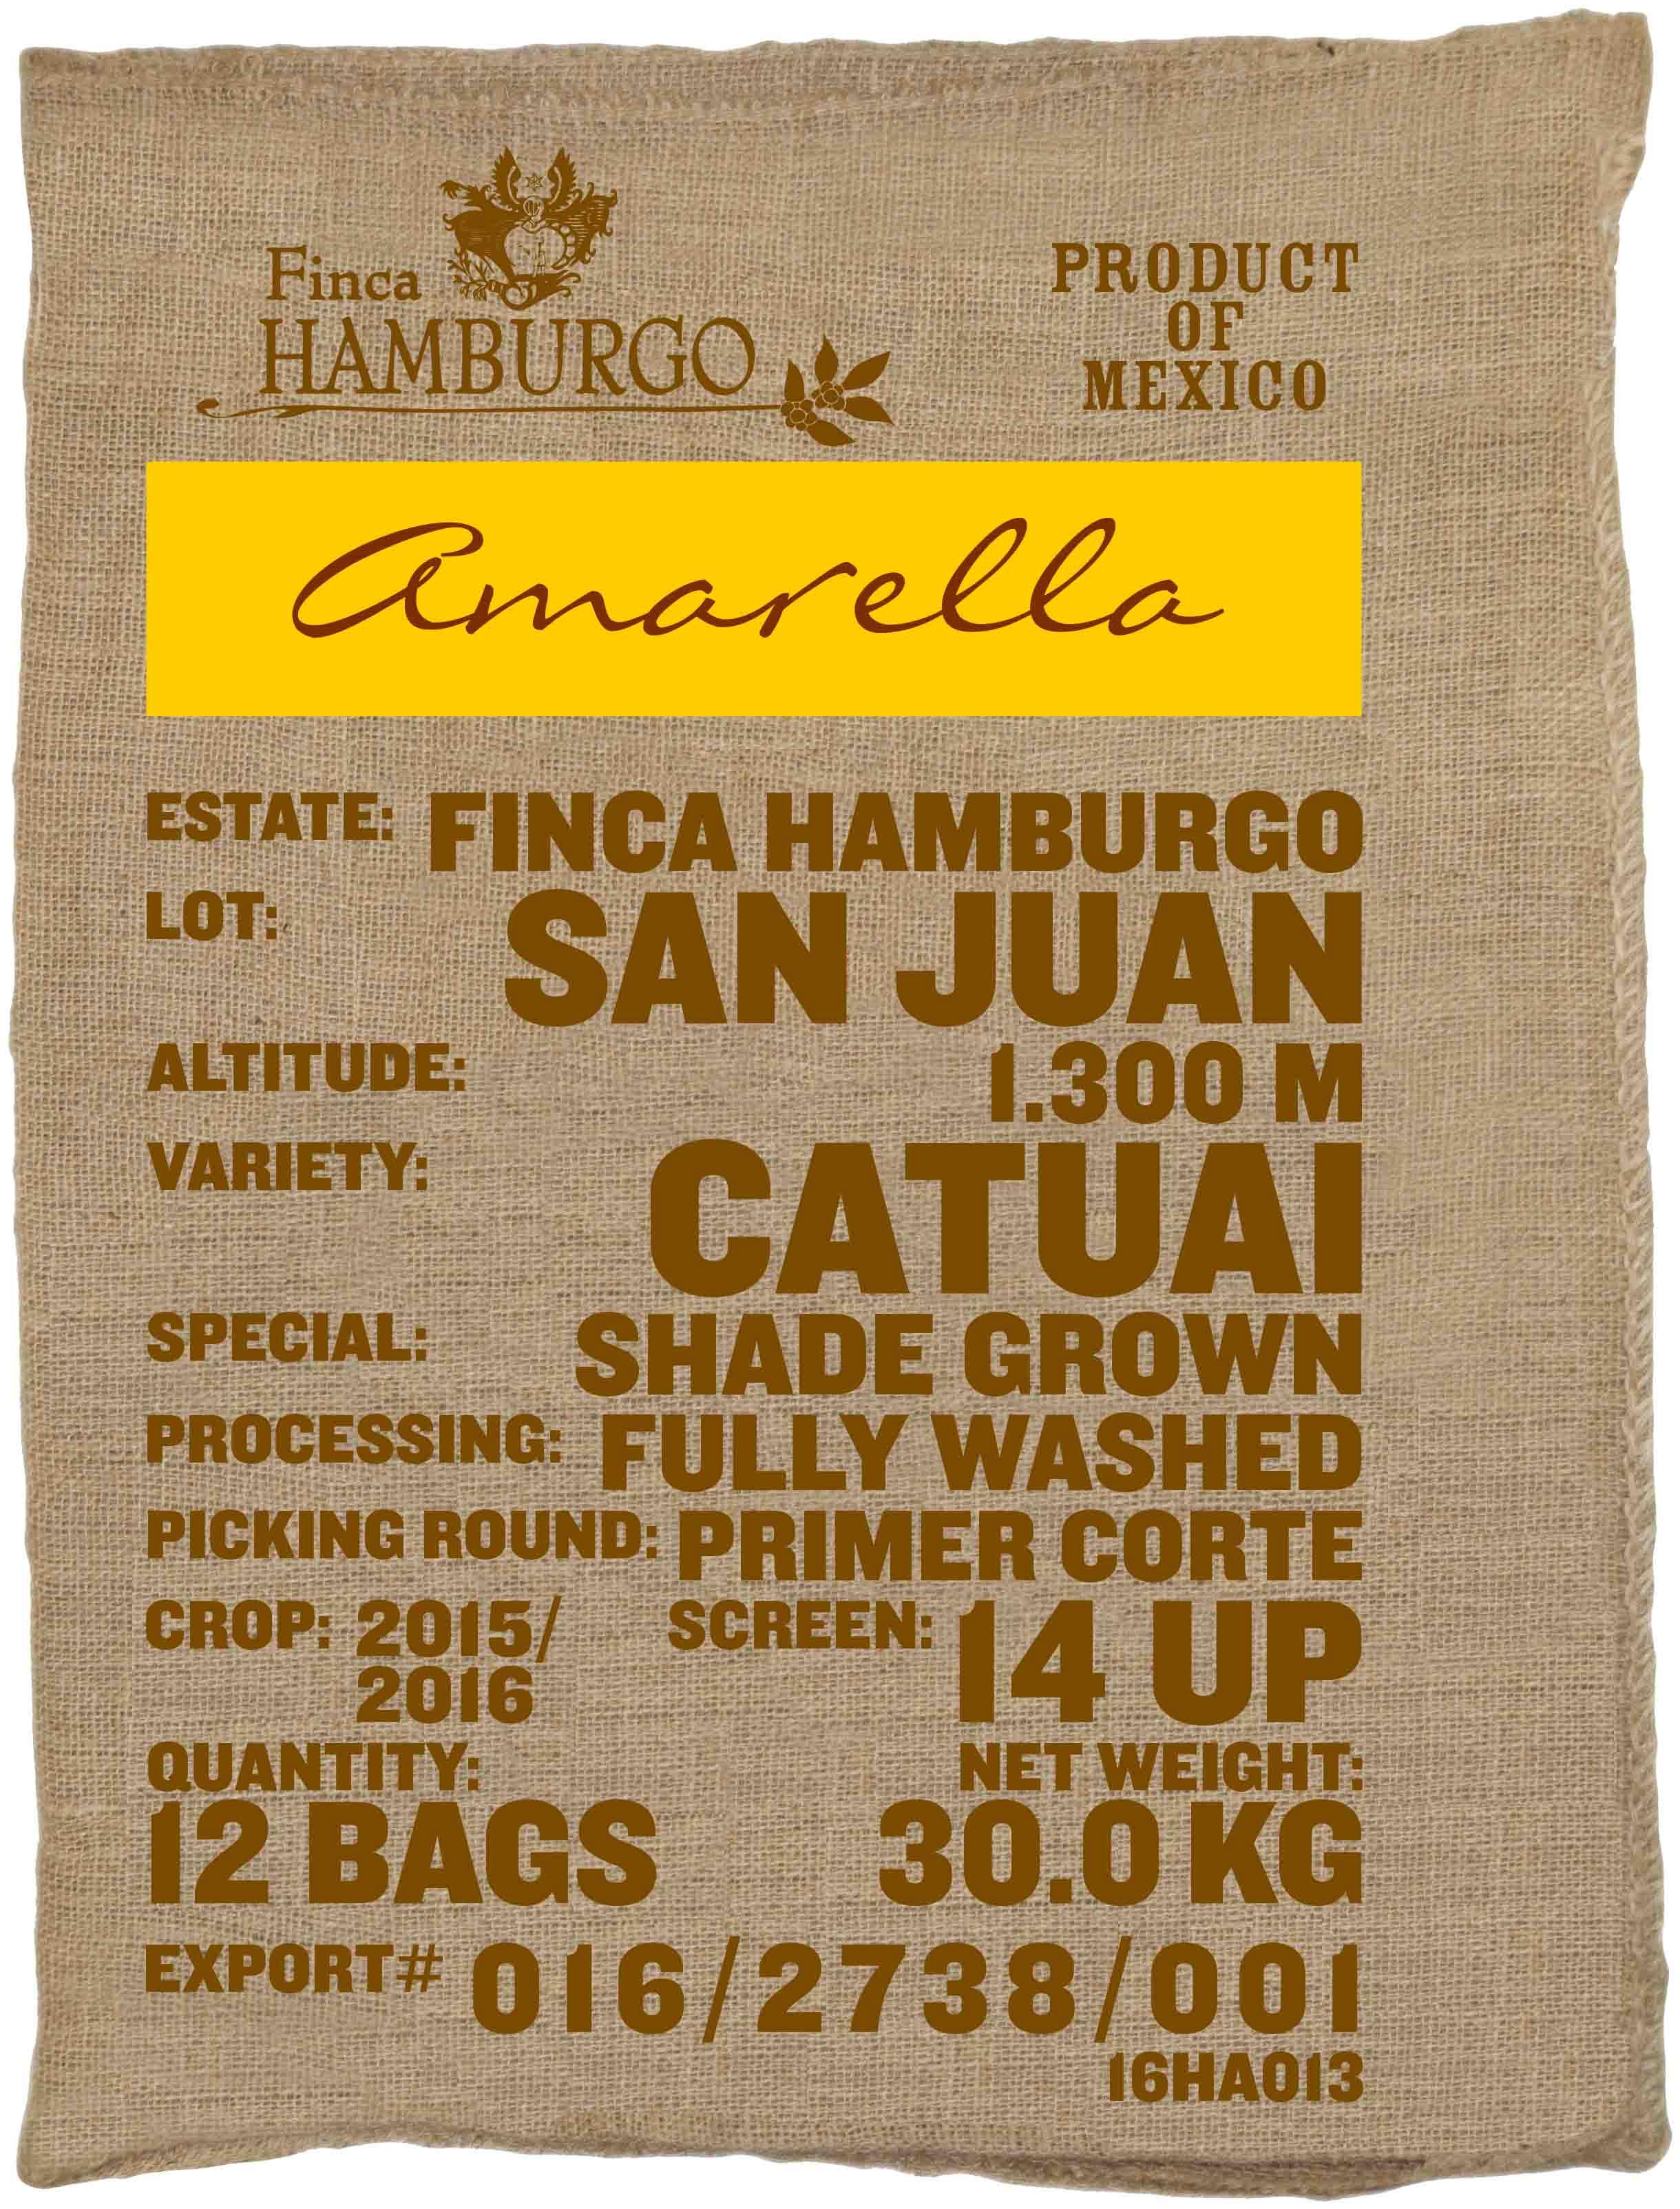 Ein Rohkaffeesack amarella Parzellenkaffee Varietät Catuai. Finca Hamburgo Lot San Juan.